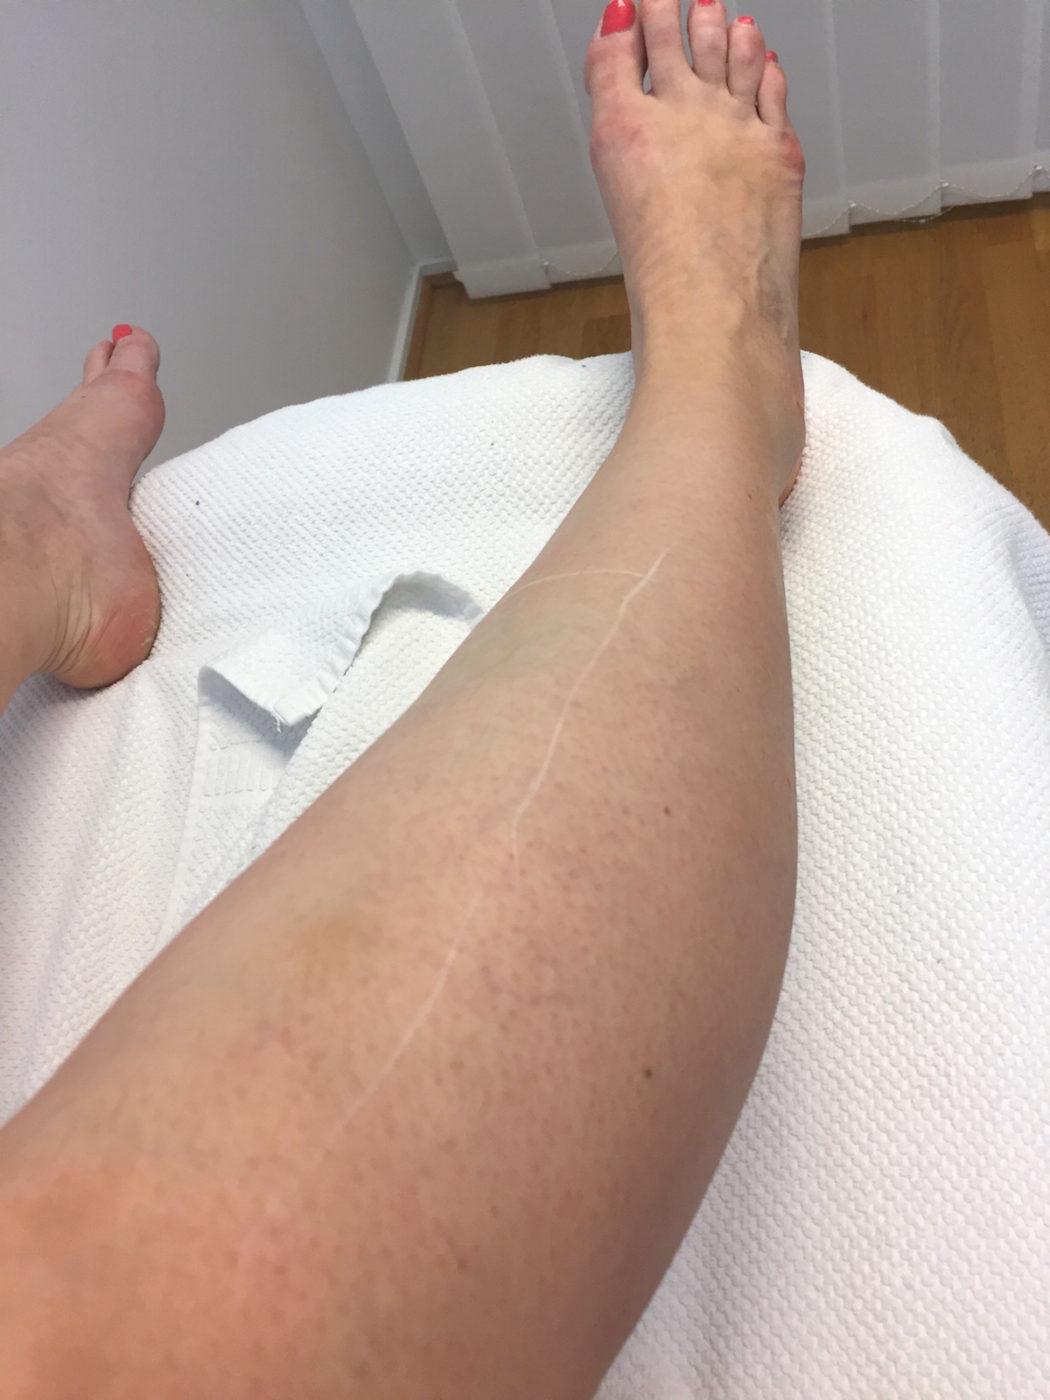 Hår på benen är vitmarkerat